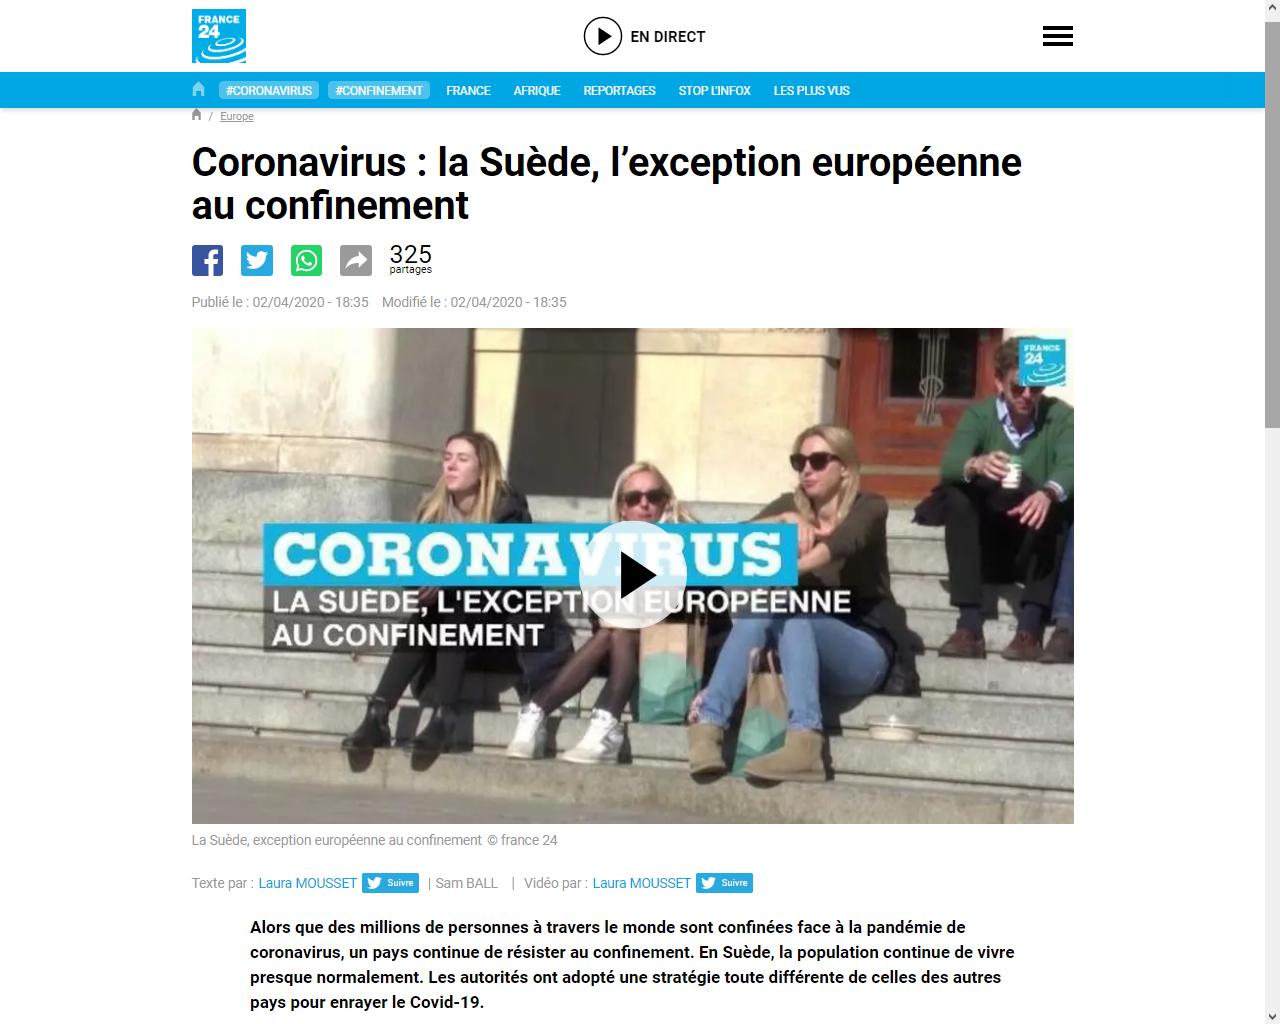 https://www.france24.com/fr/20200402-coronavirus-la-suède-l-exception-européenne-au-confinement